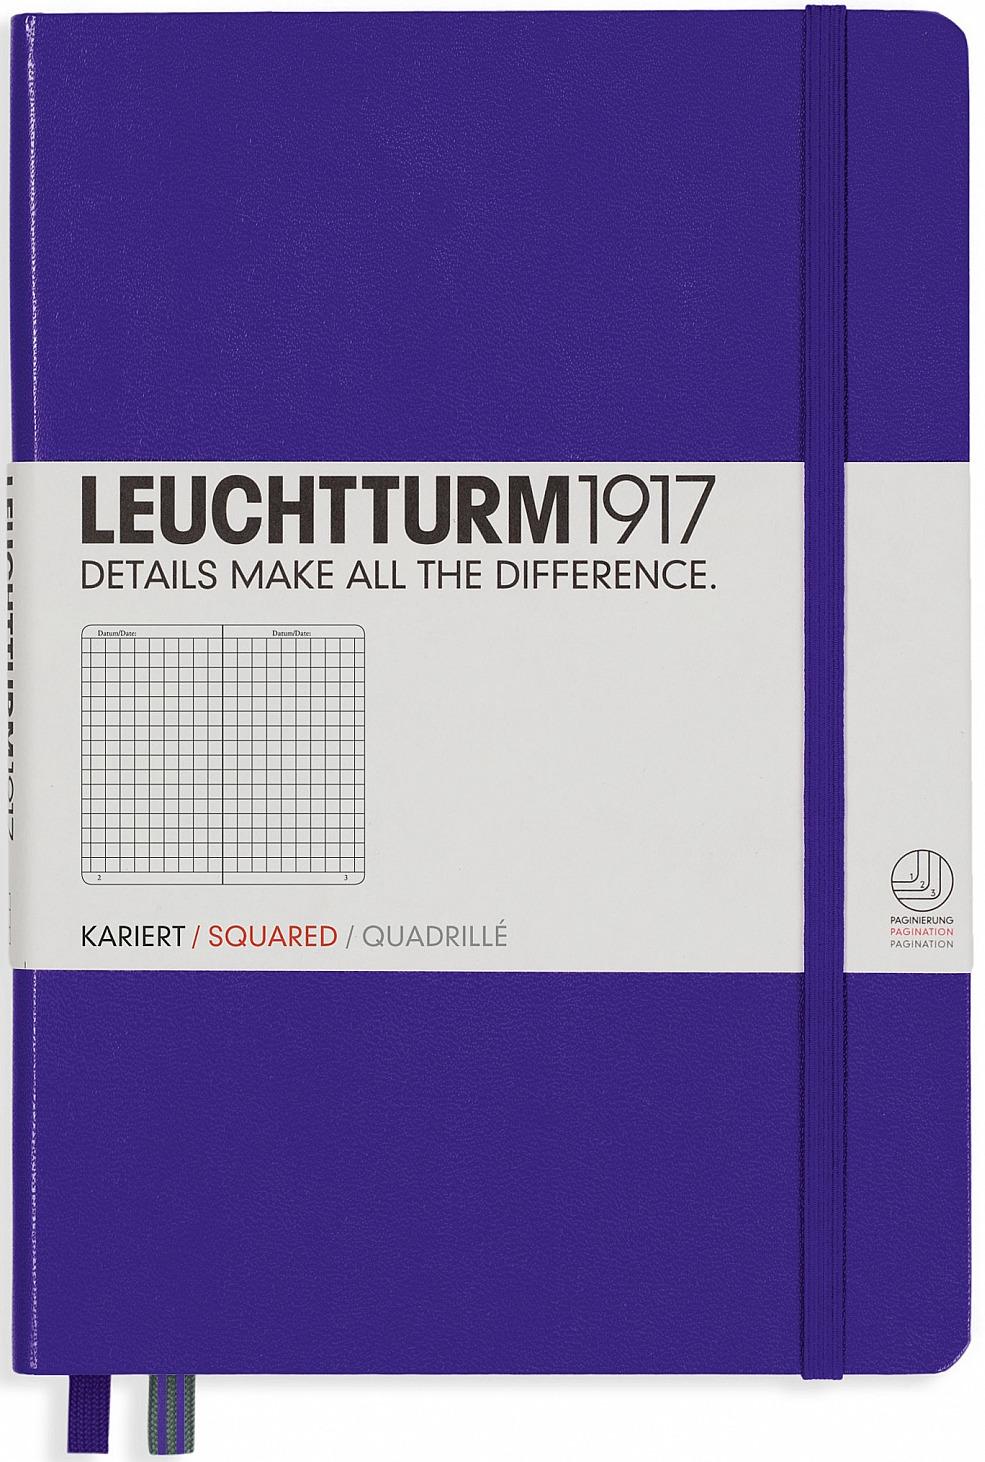 Записная книжка Leuchtturm1917, 346686, сиреневый, A5 (148 x 210 мм), в клетку, 125 листов